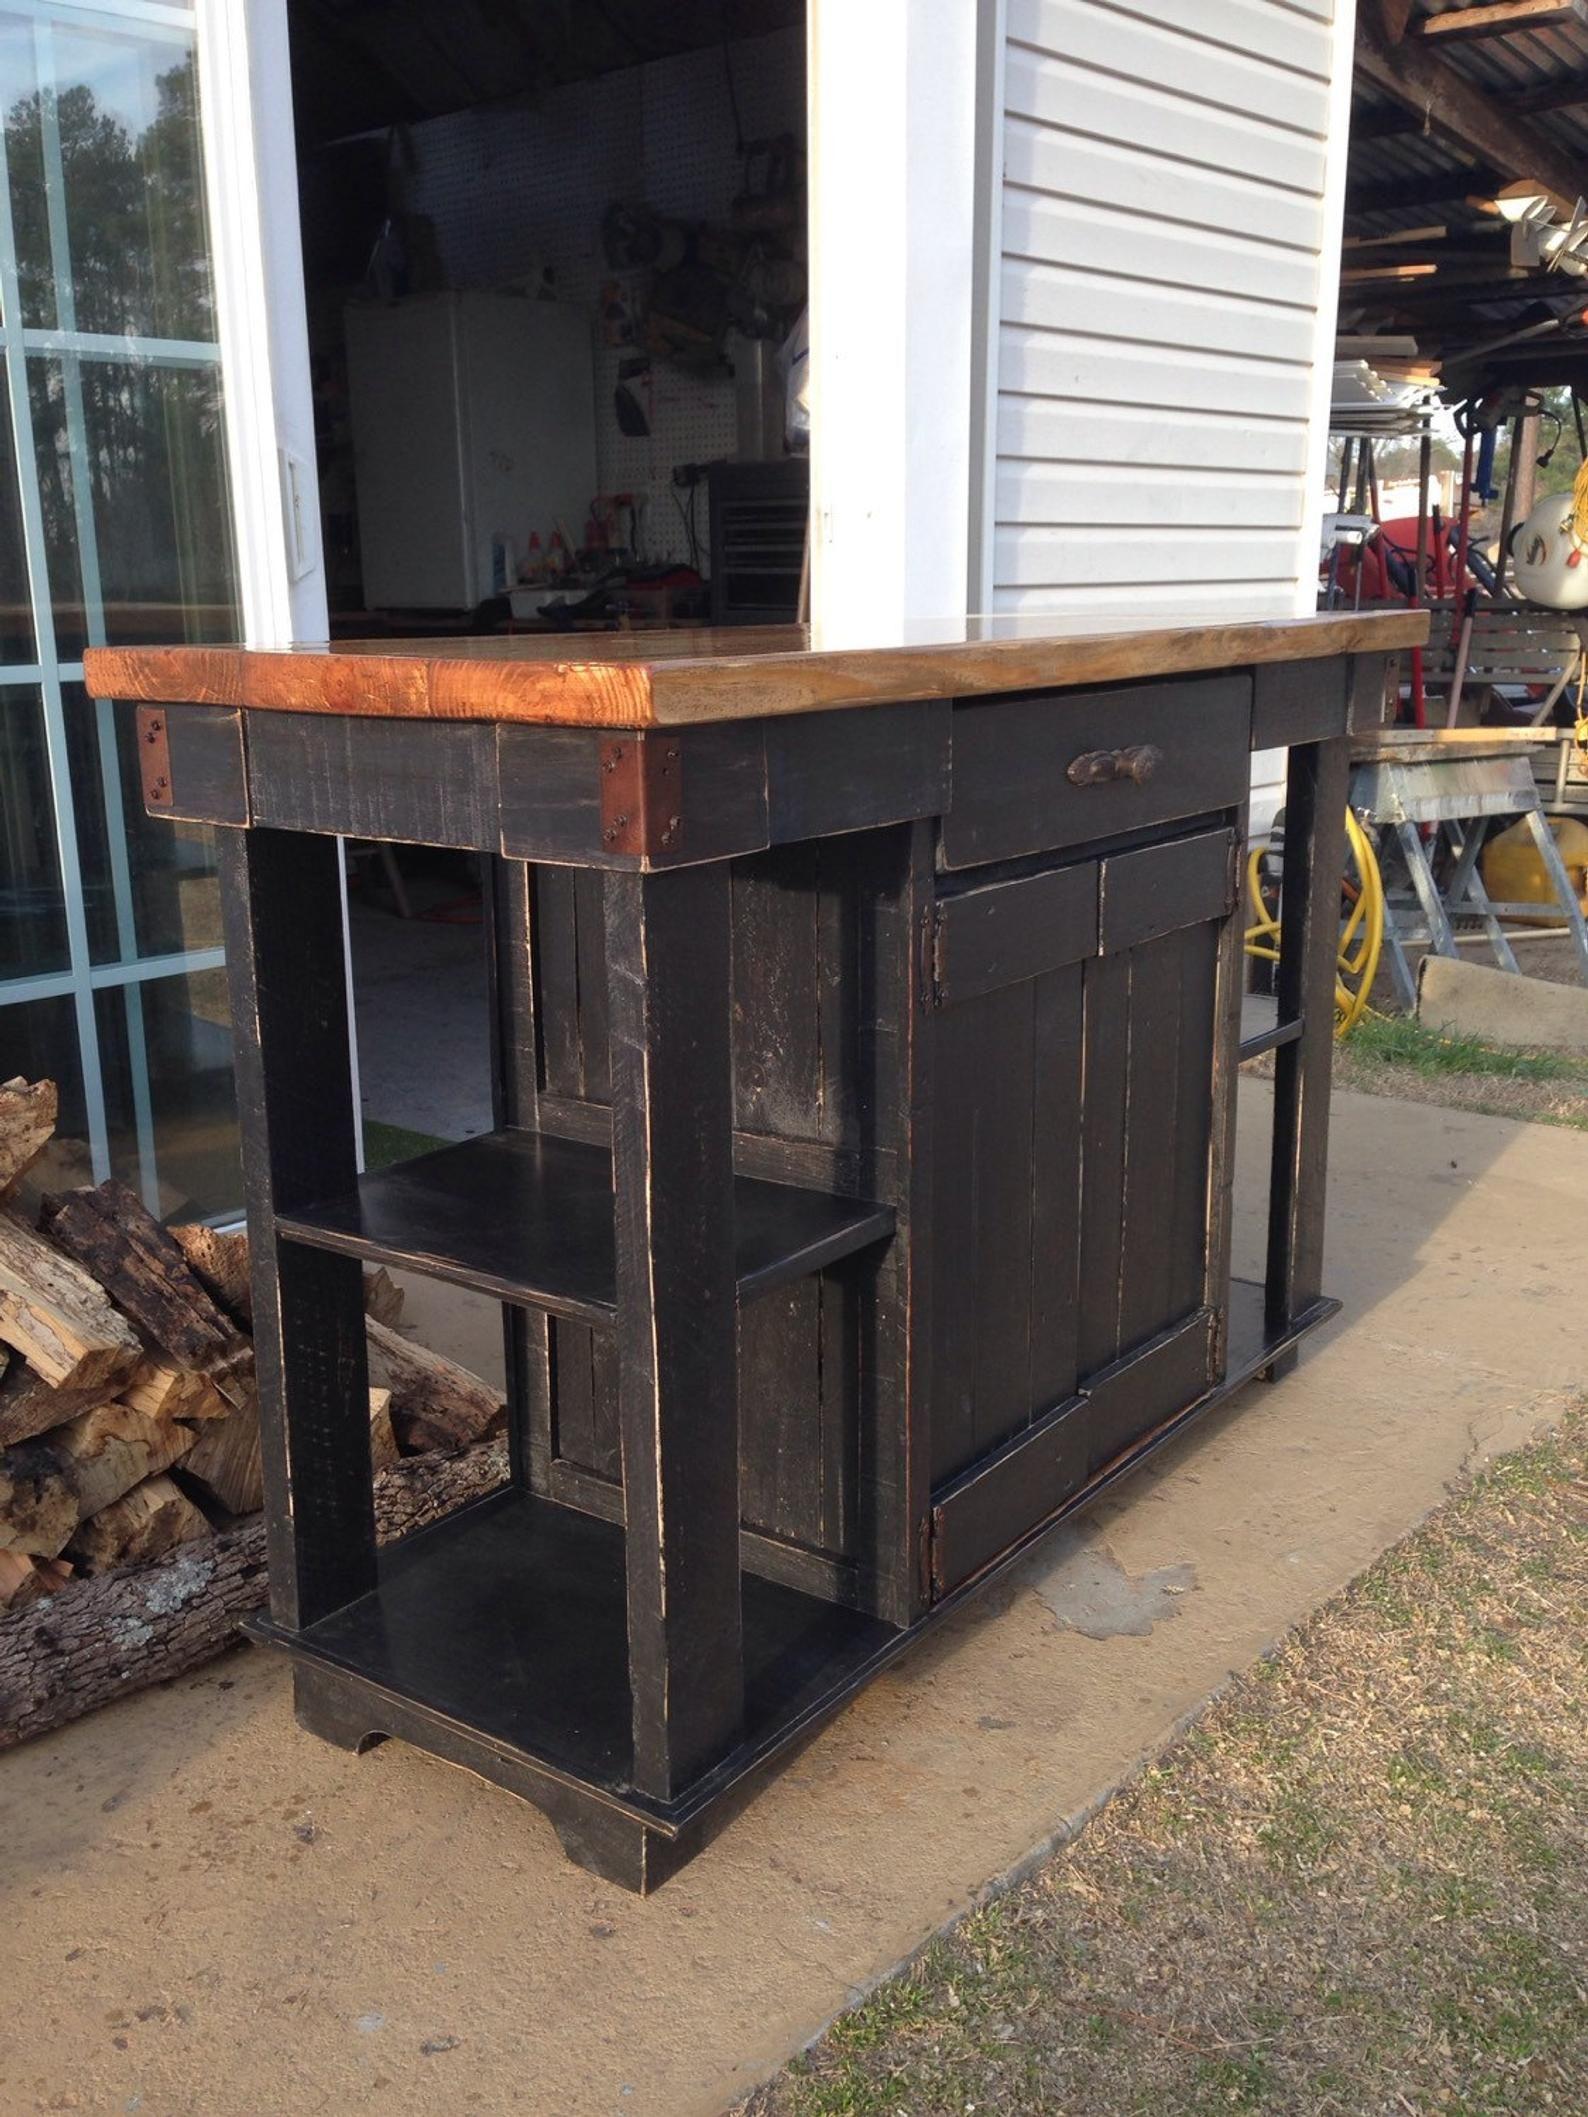 Handmade Rustic Kitchen Island With Reclaimed Pallet Lumber En 2019 Cuisine Ilot De Cuisine Rustique Ilot Cuisine Et Cuisine Rustique